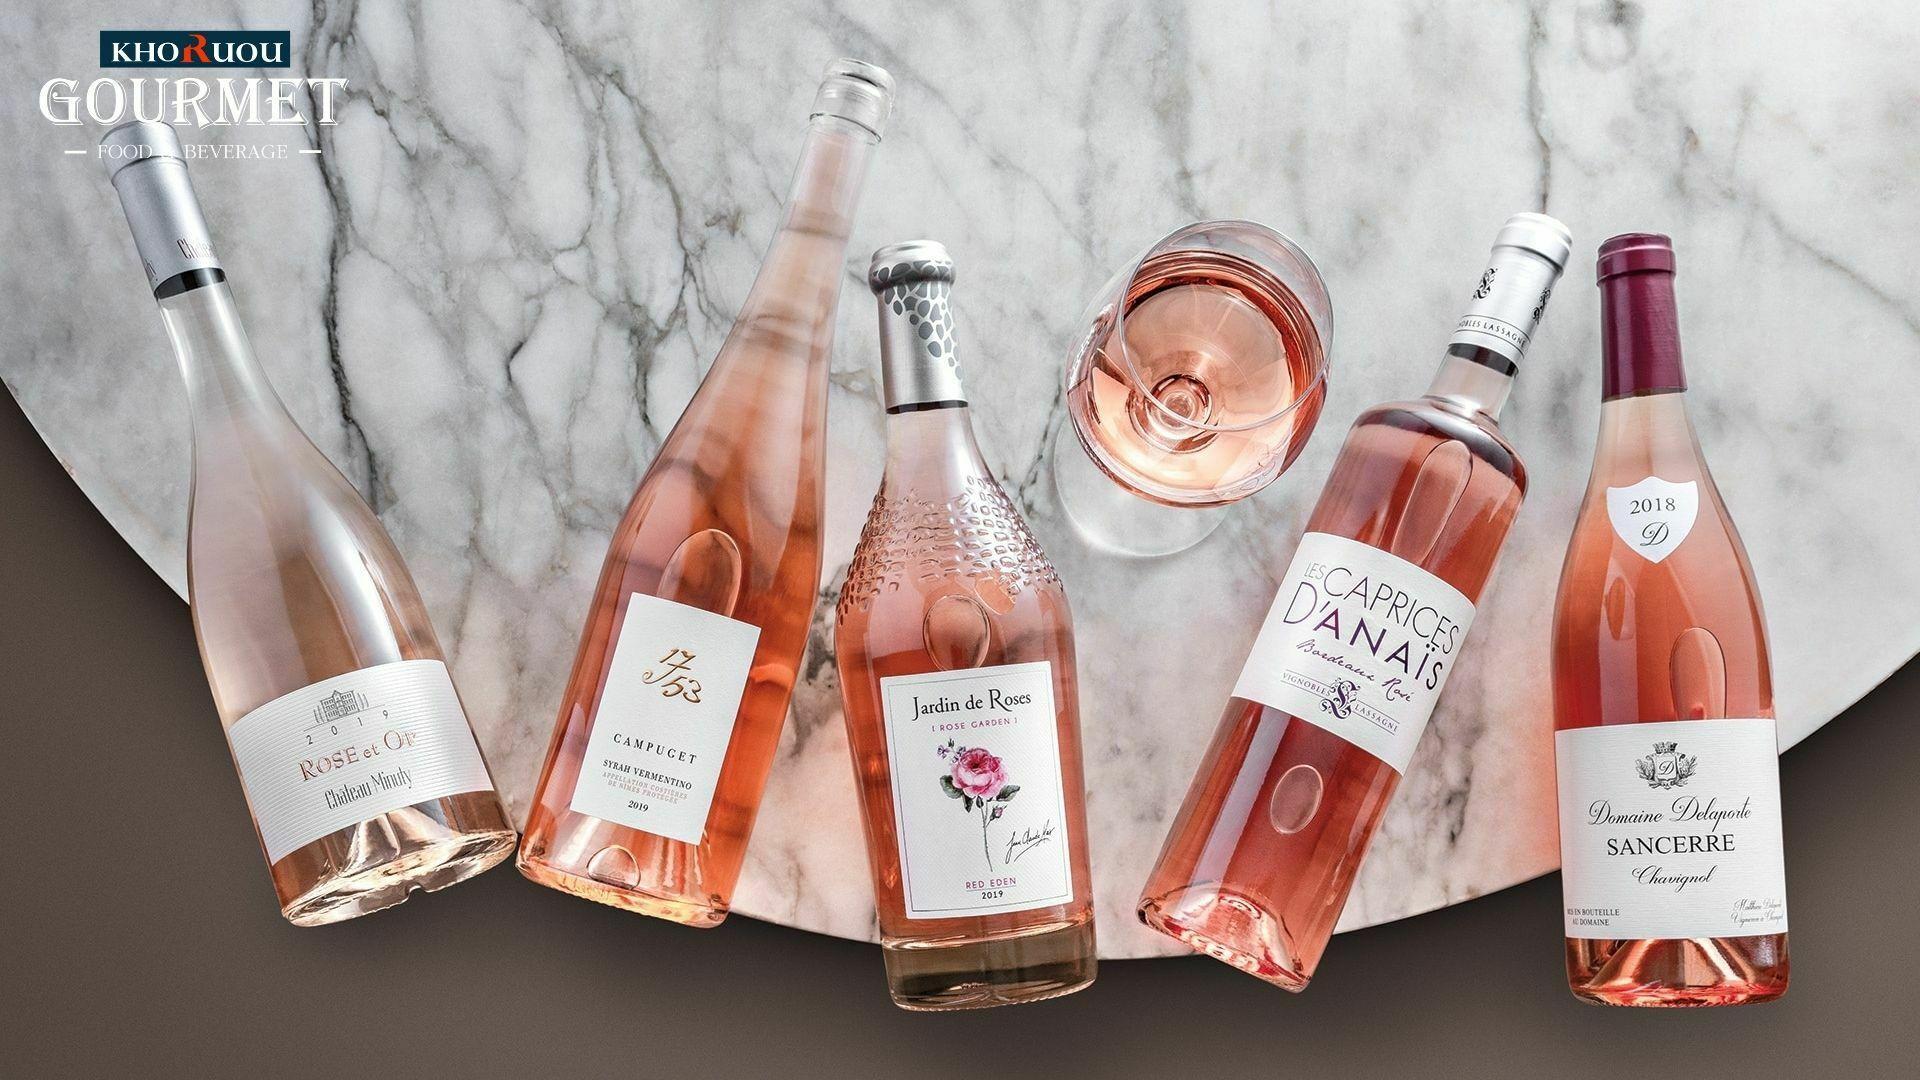 Rượu Vang Là Gì? Top 5 Thông Tin Hữu Ích Cần Biết Về Rượu Vang